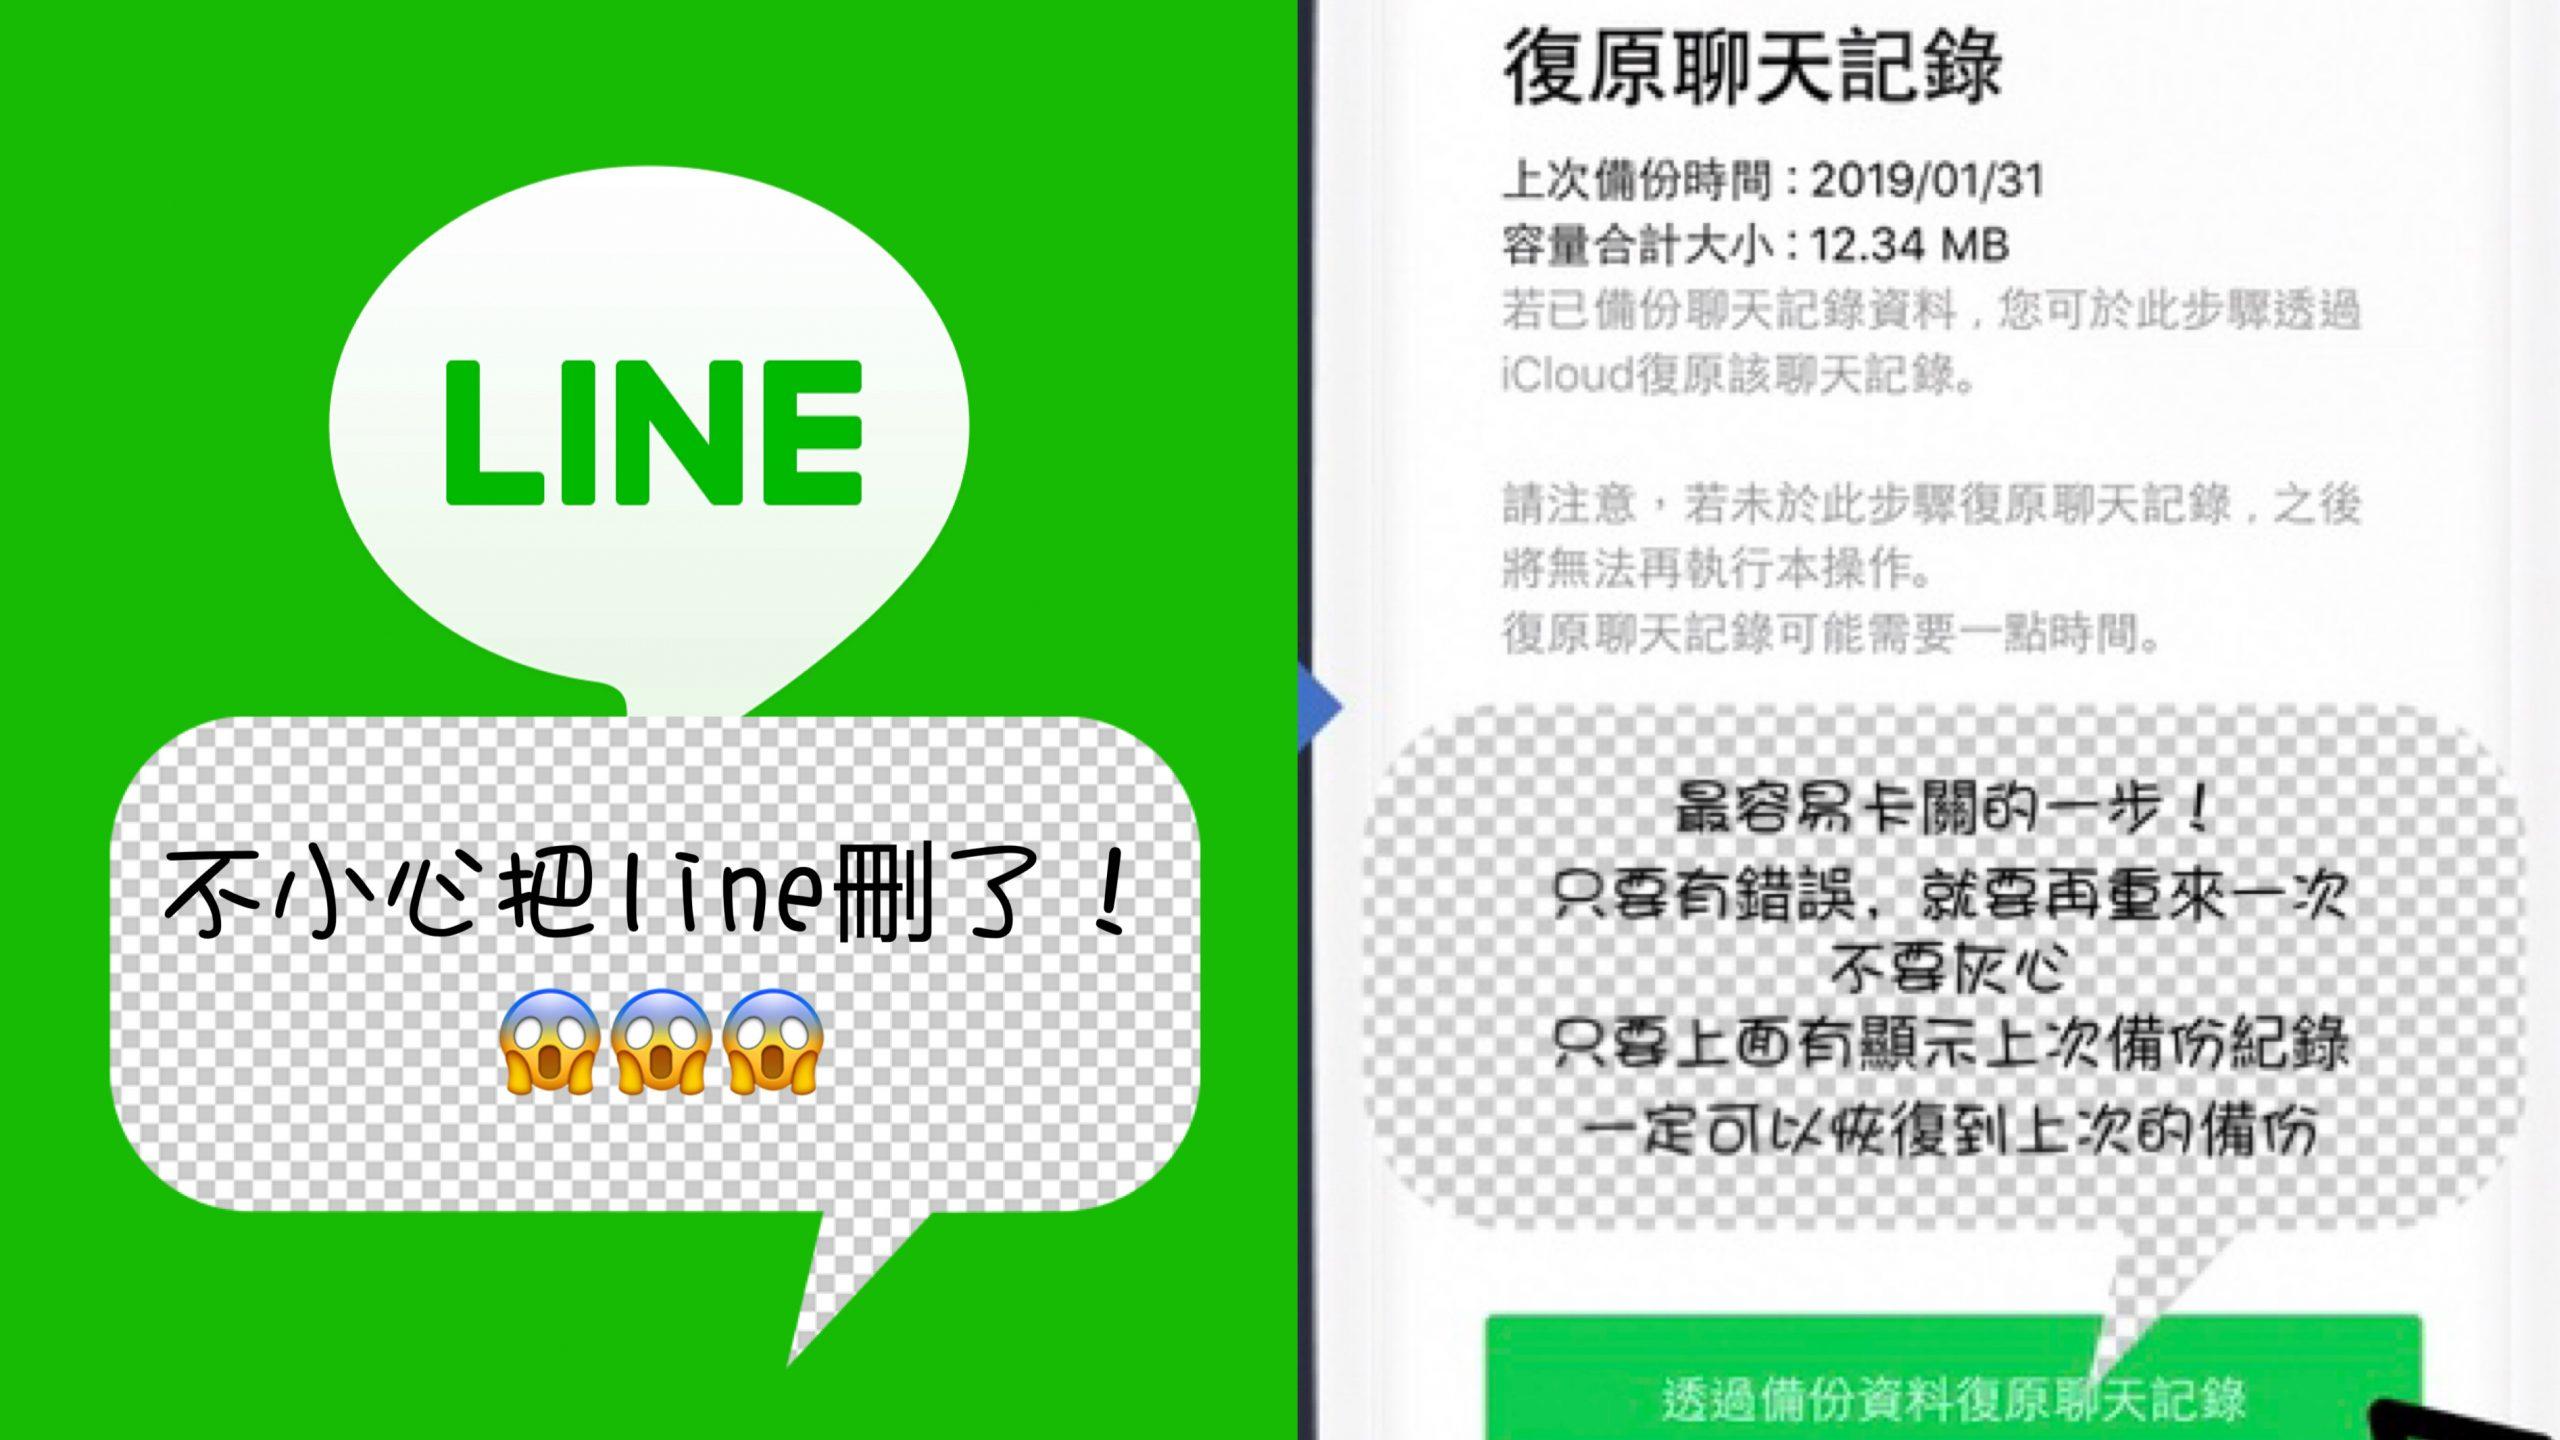 網站熱門文章:☆【教學】不小心誤刪LINE、復原聊天備份失敗?還原成功過程全記錄! ios版